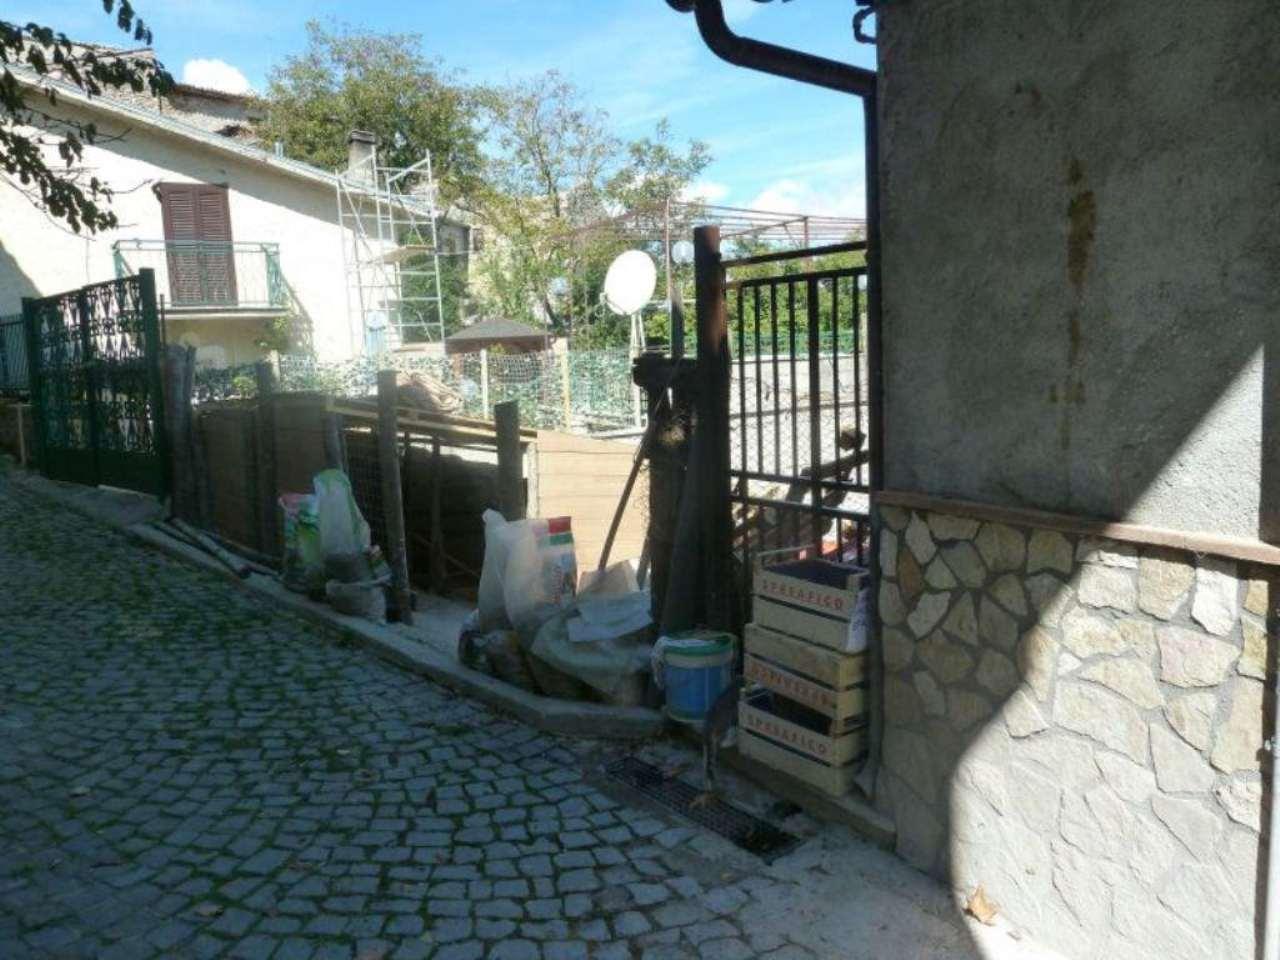 Rustico / Casale in vendita a Carsoli, 1 locali, prezzo € 10.000 | Cambio Casa.it